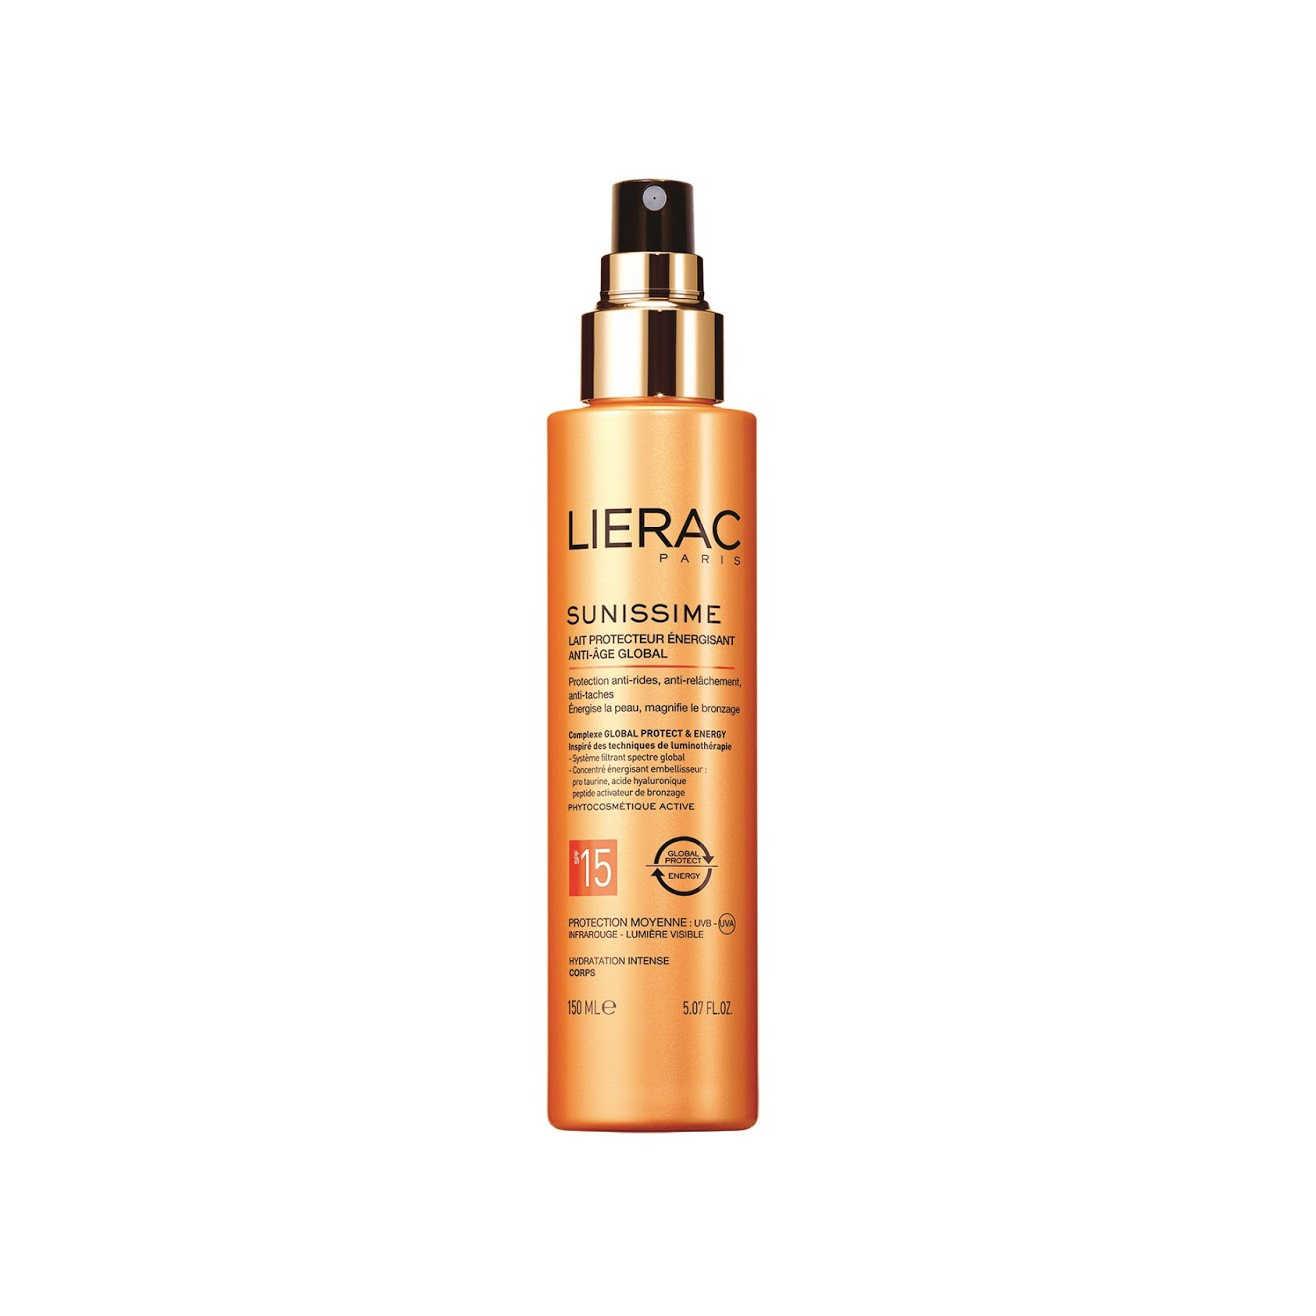 Lierac - Sunissime - Latte Protettivo Energizzante SPF15